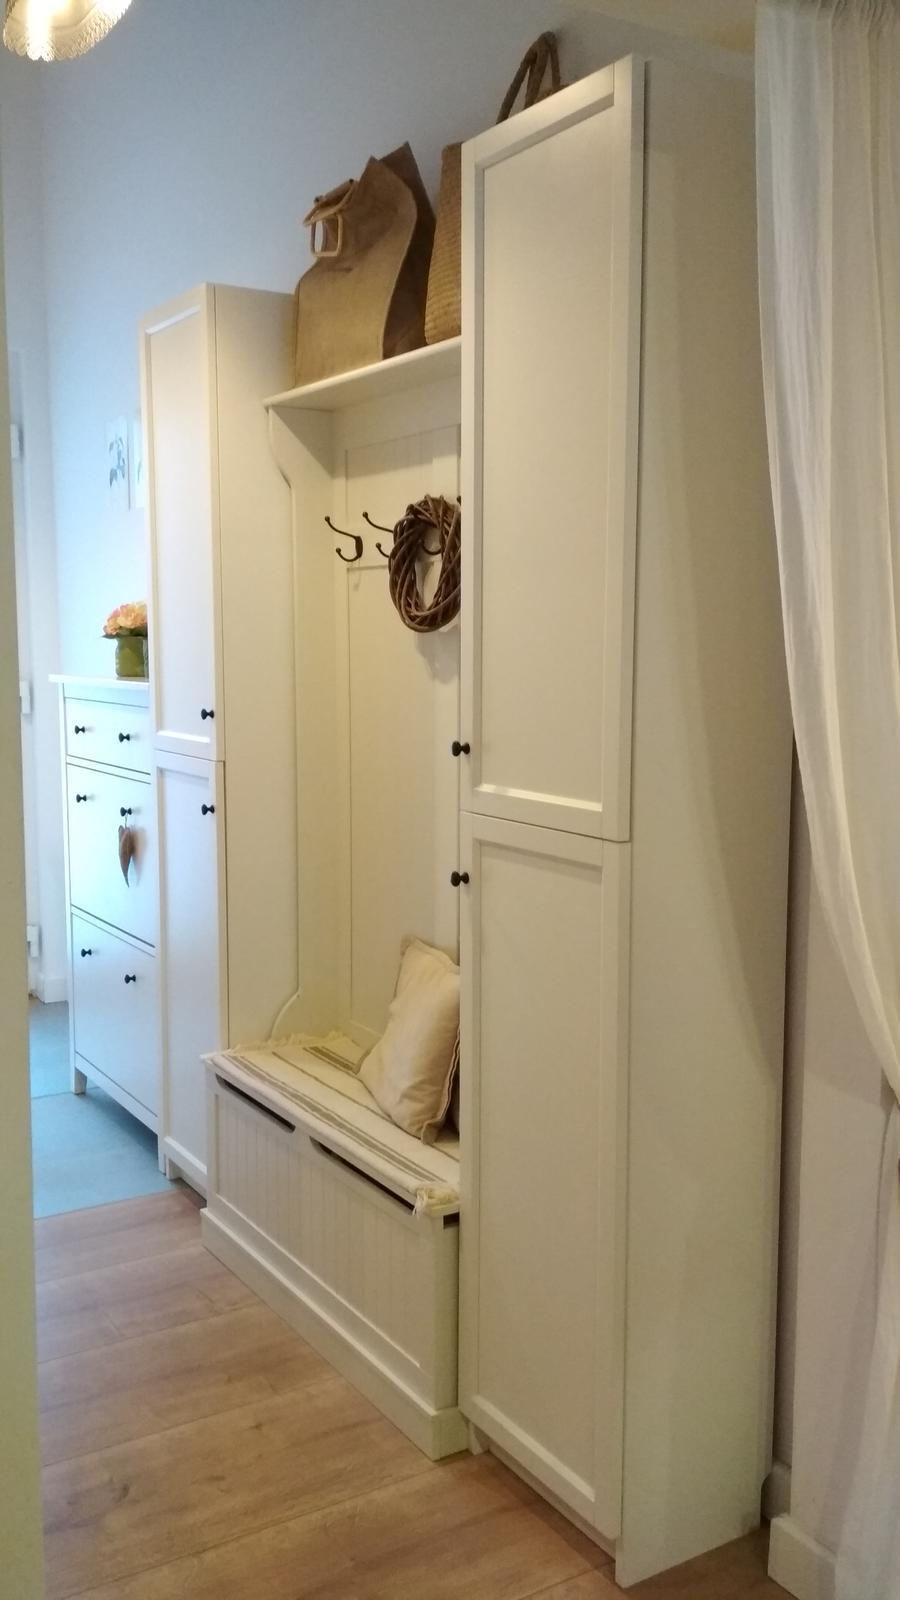 Náš domček ♡ Bramasole ♡ ... Stilo interiér aj exteriér 3. rok bývania - Obrázok č. 55